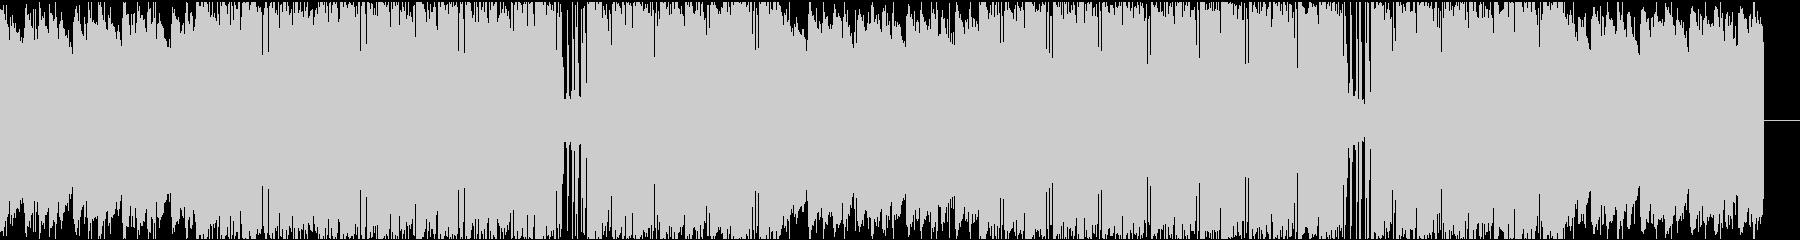 ローファイ、チルアウト、ヒップホップの未再生の波形